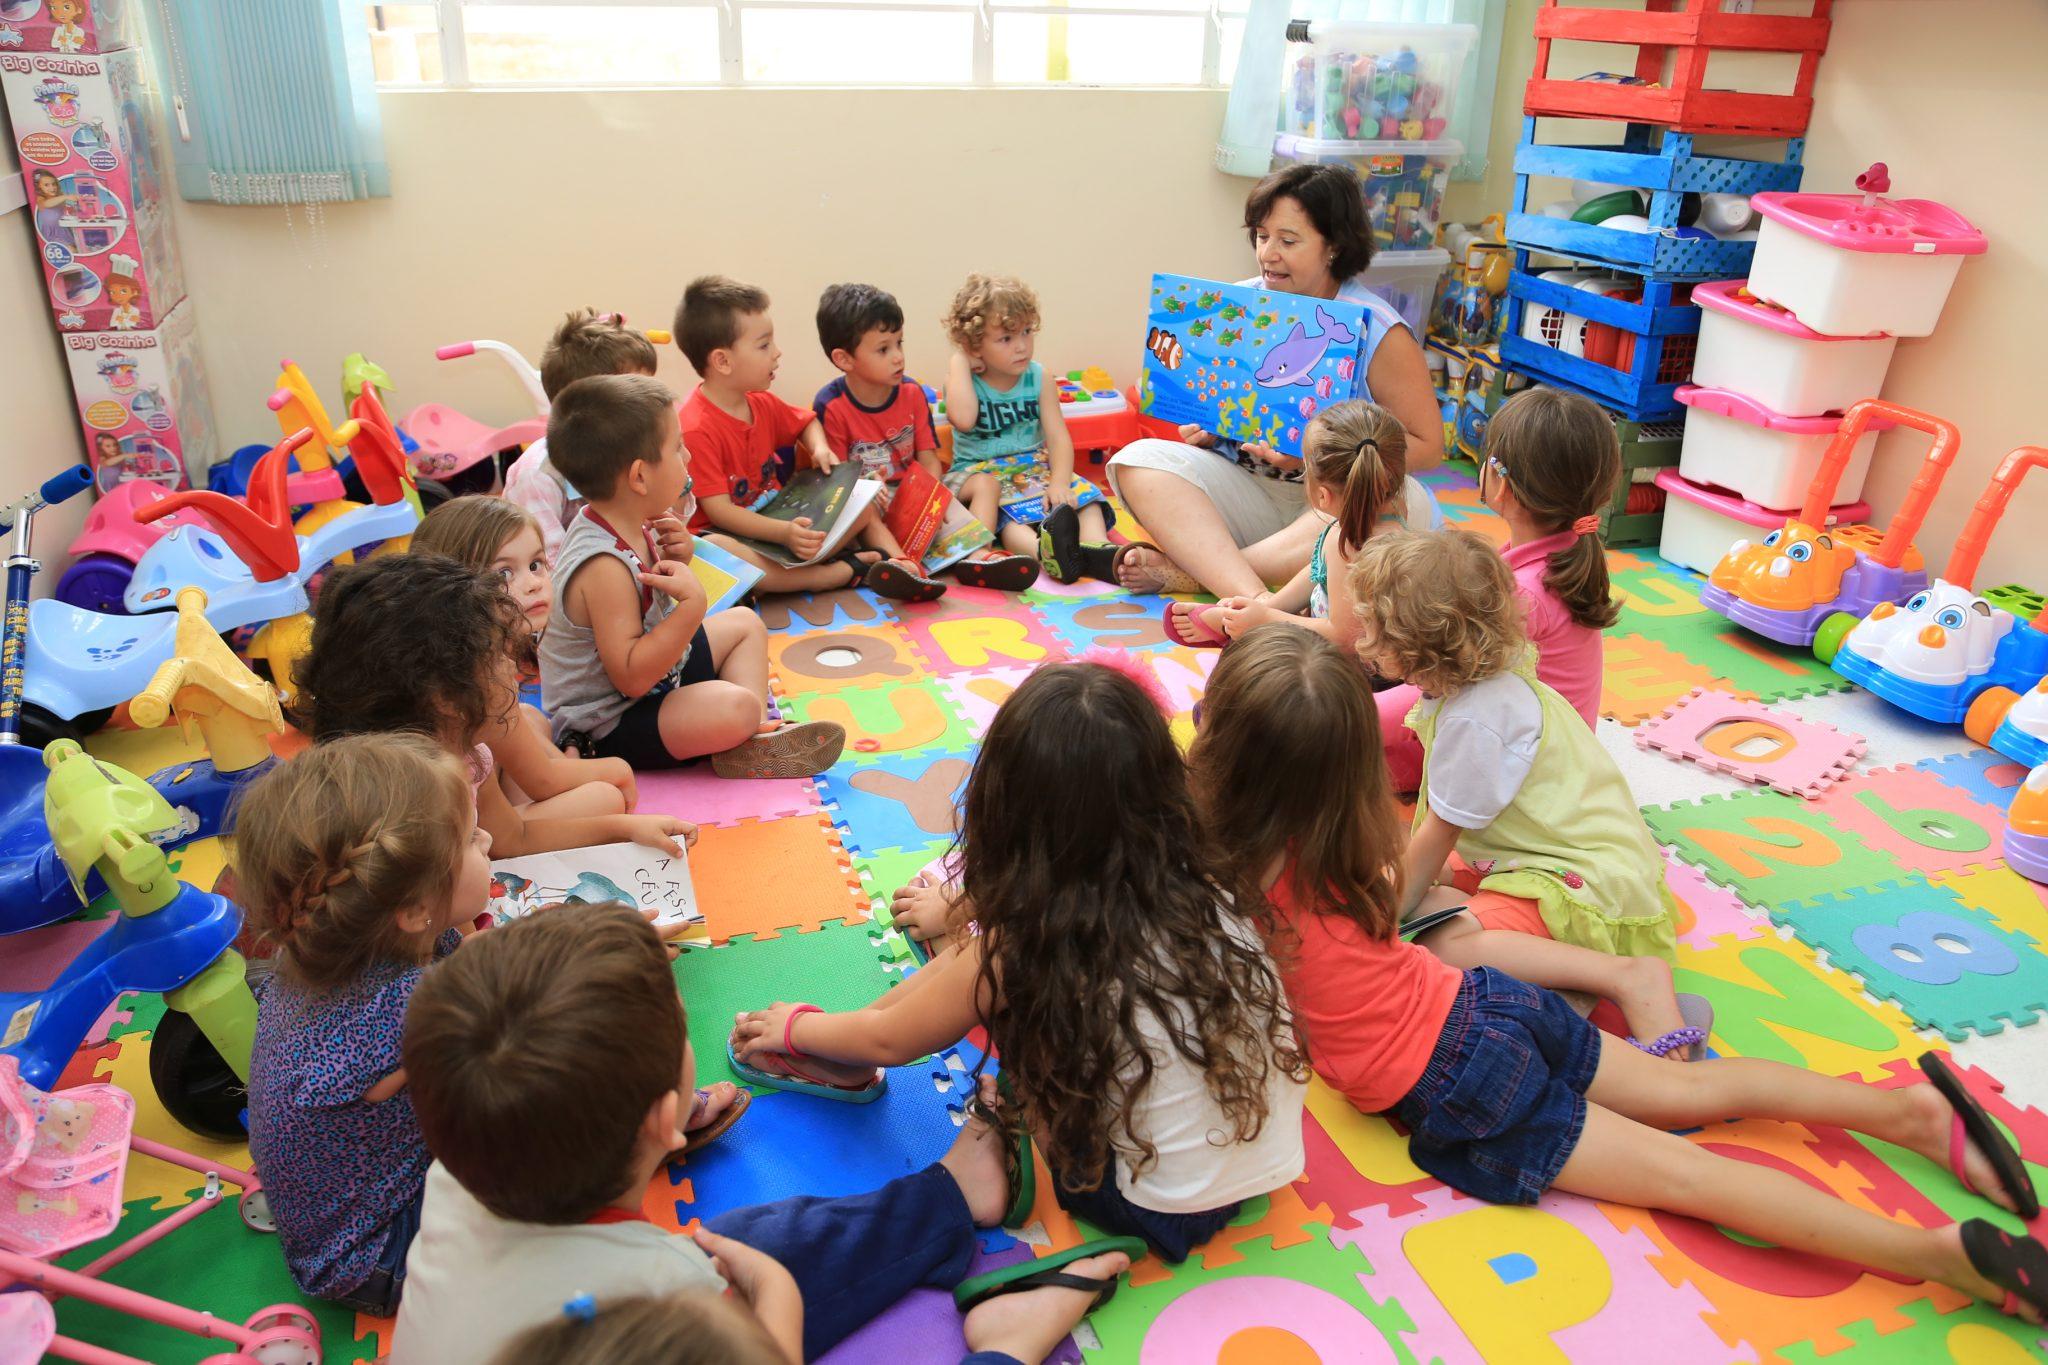 A importância da educação infantil no desenvolvimento do cidadão